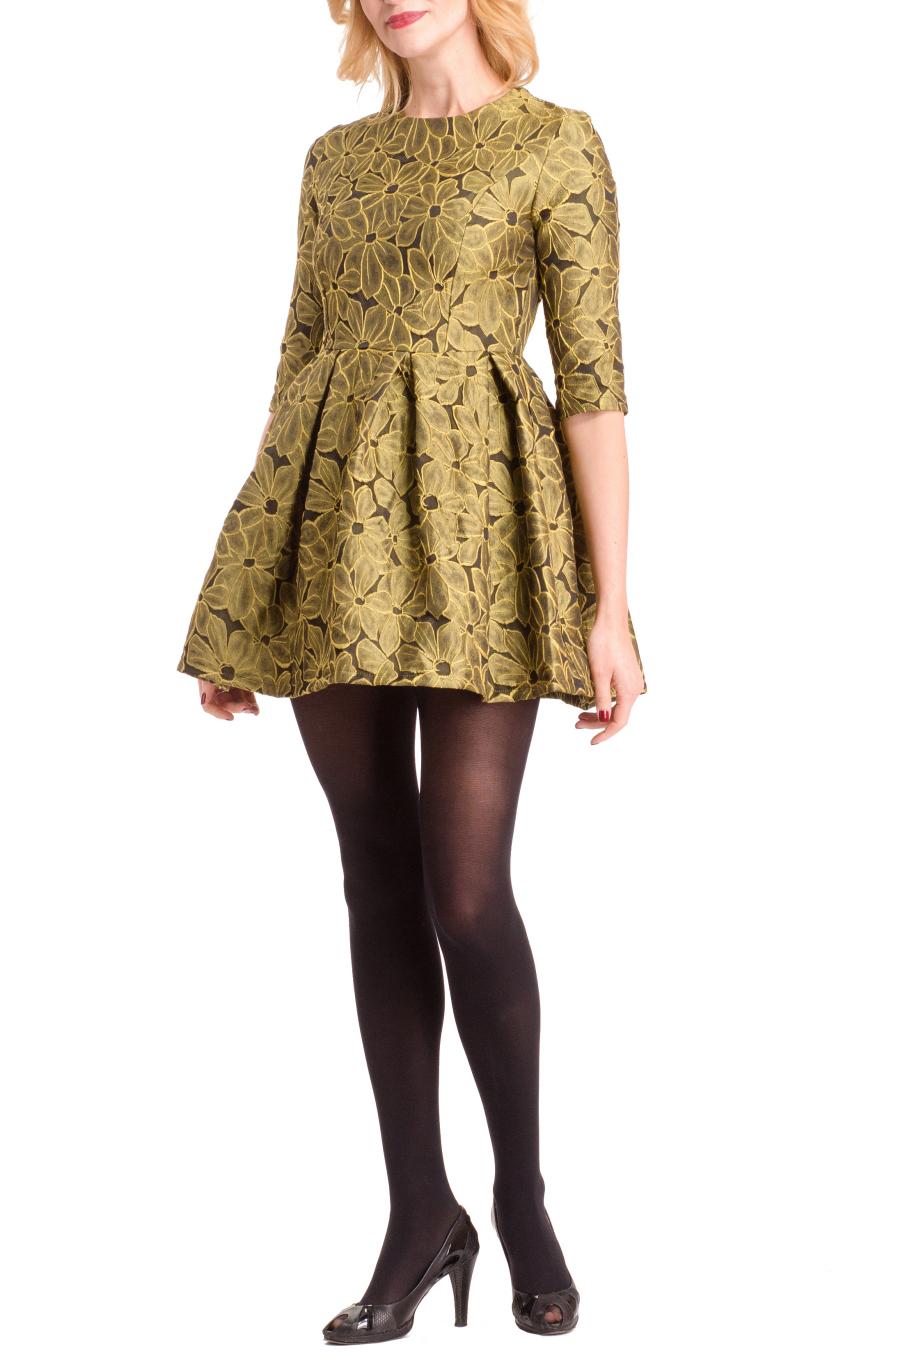 ПлатьеПлатья<br>Нарядное платье с завышенной талией. Модель выполнена из приятного материала с цветочным принтом. Отличный выбор для любого случая.  Цвет: желтый  Ростовка изделия 170 см.<br><br>Горловина: С- горловина<br>По материалу: Тканевые<br>По образу: Свидание<br>По рисунку: Растительные мотивы,С принтом,Цветные,Цветочные<br>По сезону: Весна,Зима,Лето,Осень,Всесезон<br>По силуэту: Приталенные<br>По стилю: Нарядный стиль,Повседневный стиль,Молодежный стиль<br>По форме: Беби - долл<br>По элементам: Со складками<br>Рукав: До локтя<br>По длине: Мини<br>Размер : 44,46<br>Материал: Плательная ткань<br>Количество в наличии: 2